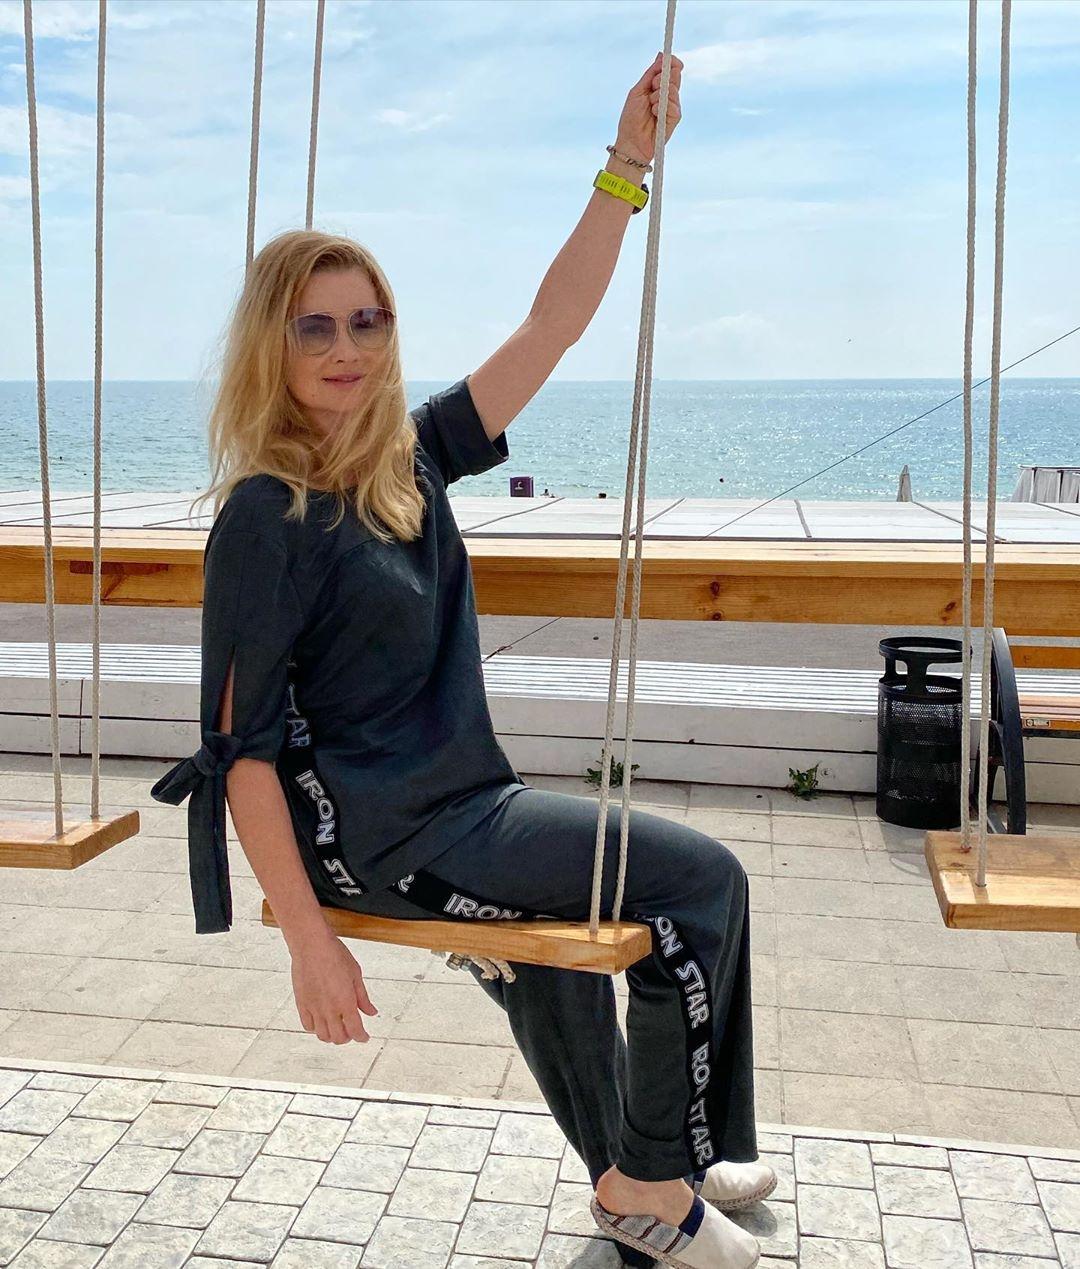 Известные украинские телеведущие в проекте бренда SOLHрассказали, как карантин повлиял на их жизнь - фото №2